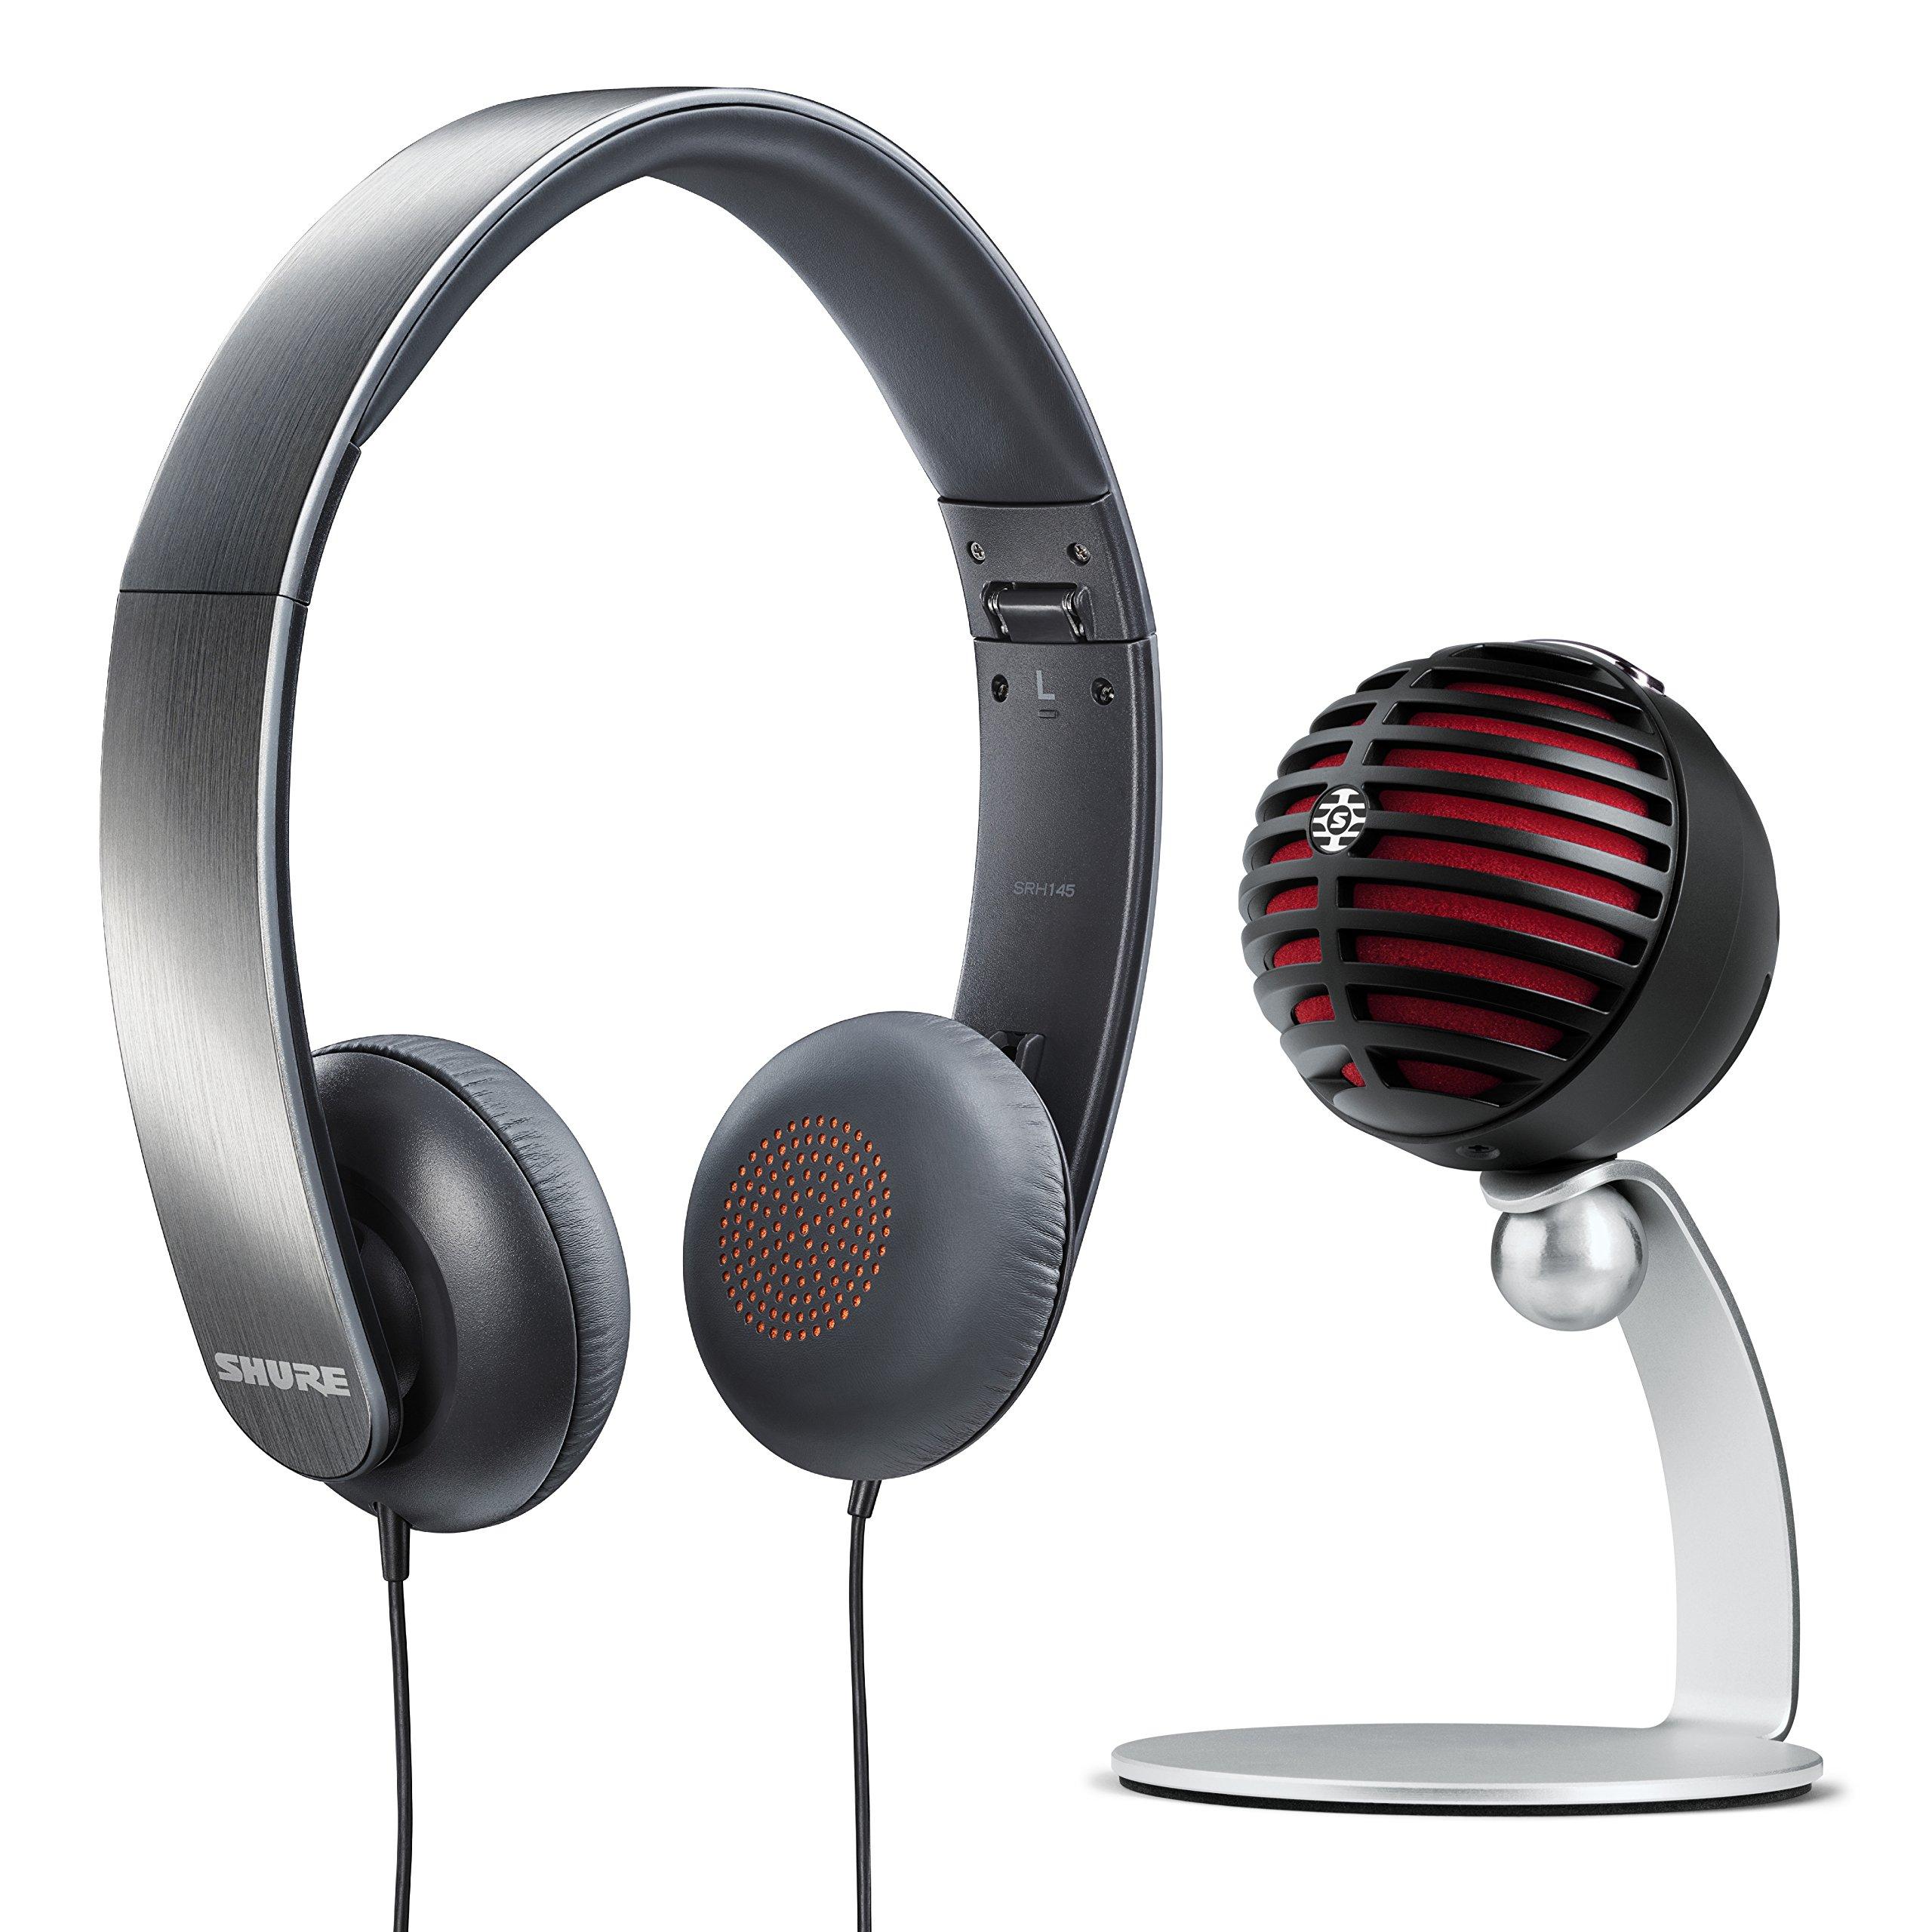 Paquete de juegos Shure con micrófono de escritorio USB MV5 (negro) y auriculares SRH145